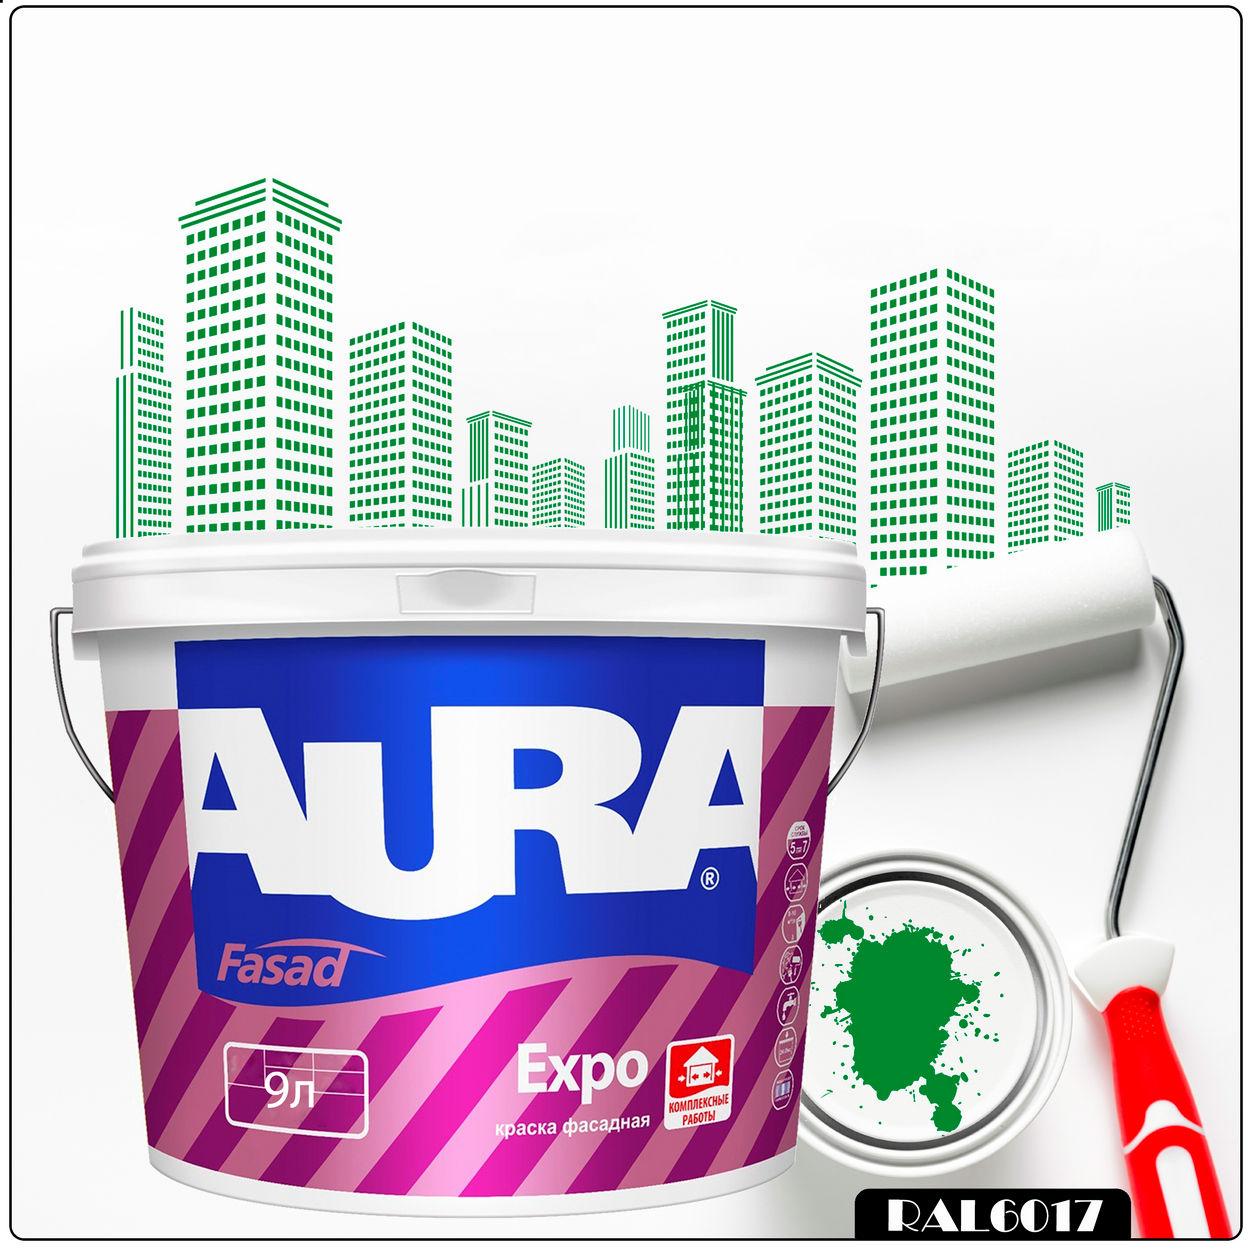 Фото 18 - Краска Aura Fasad Expo, RAL 6017 Майская-зелень, матовая, для фасадов и помещений с повышенной влажностью, 9л.